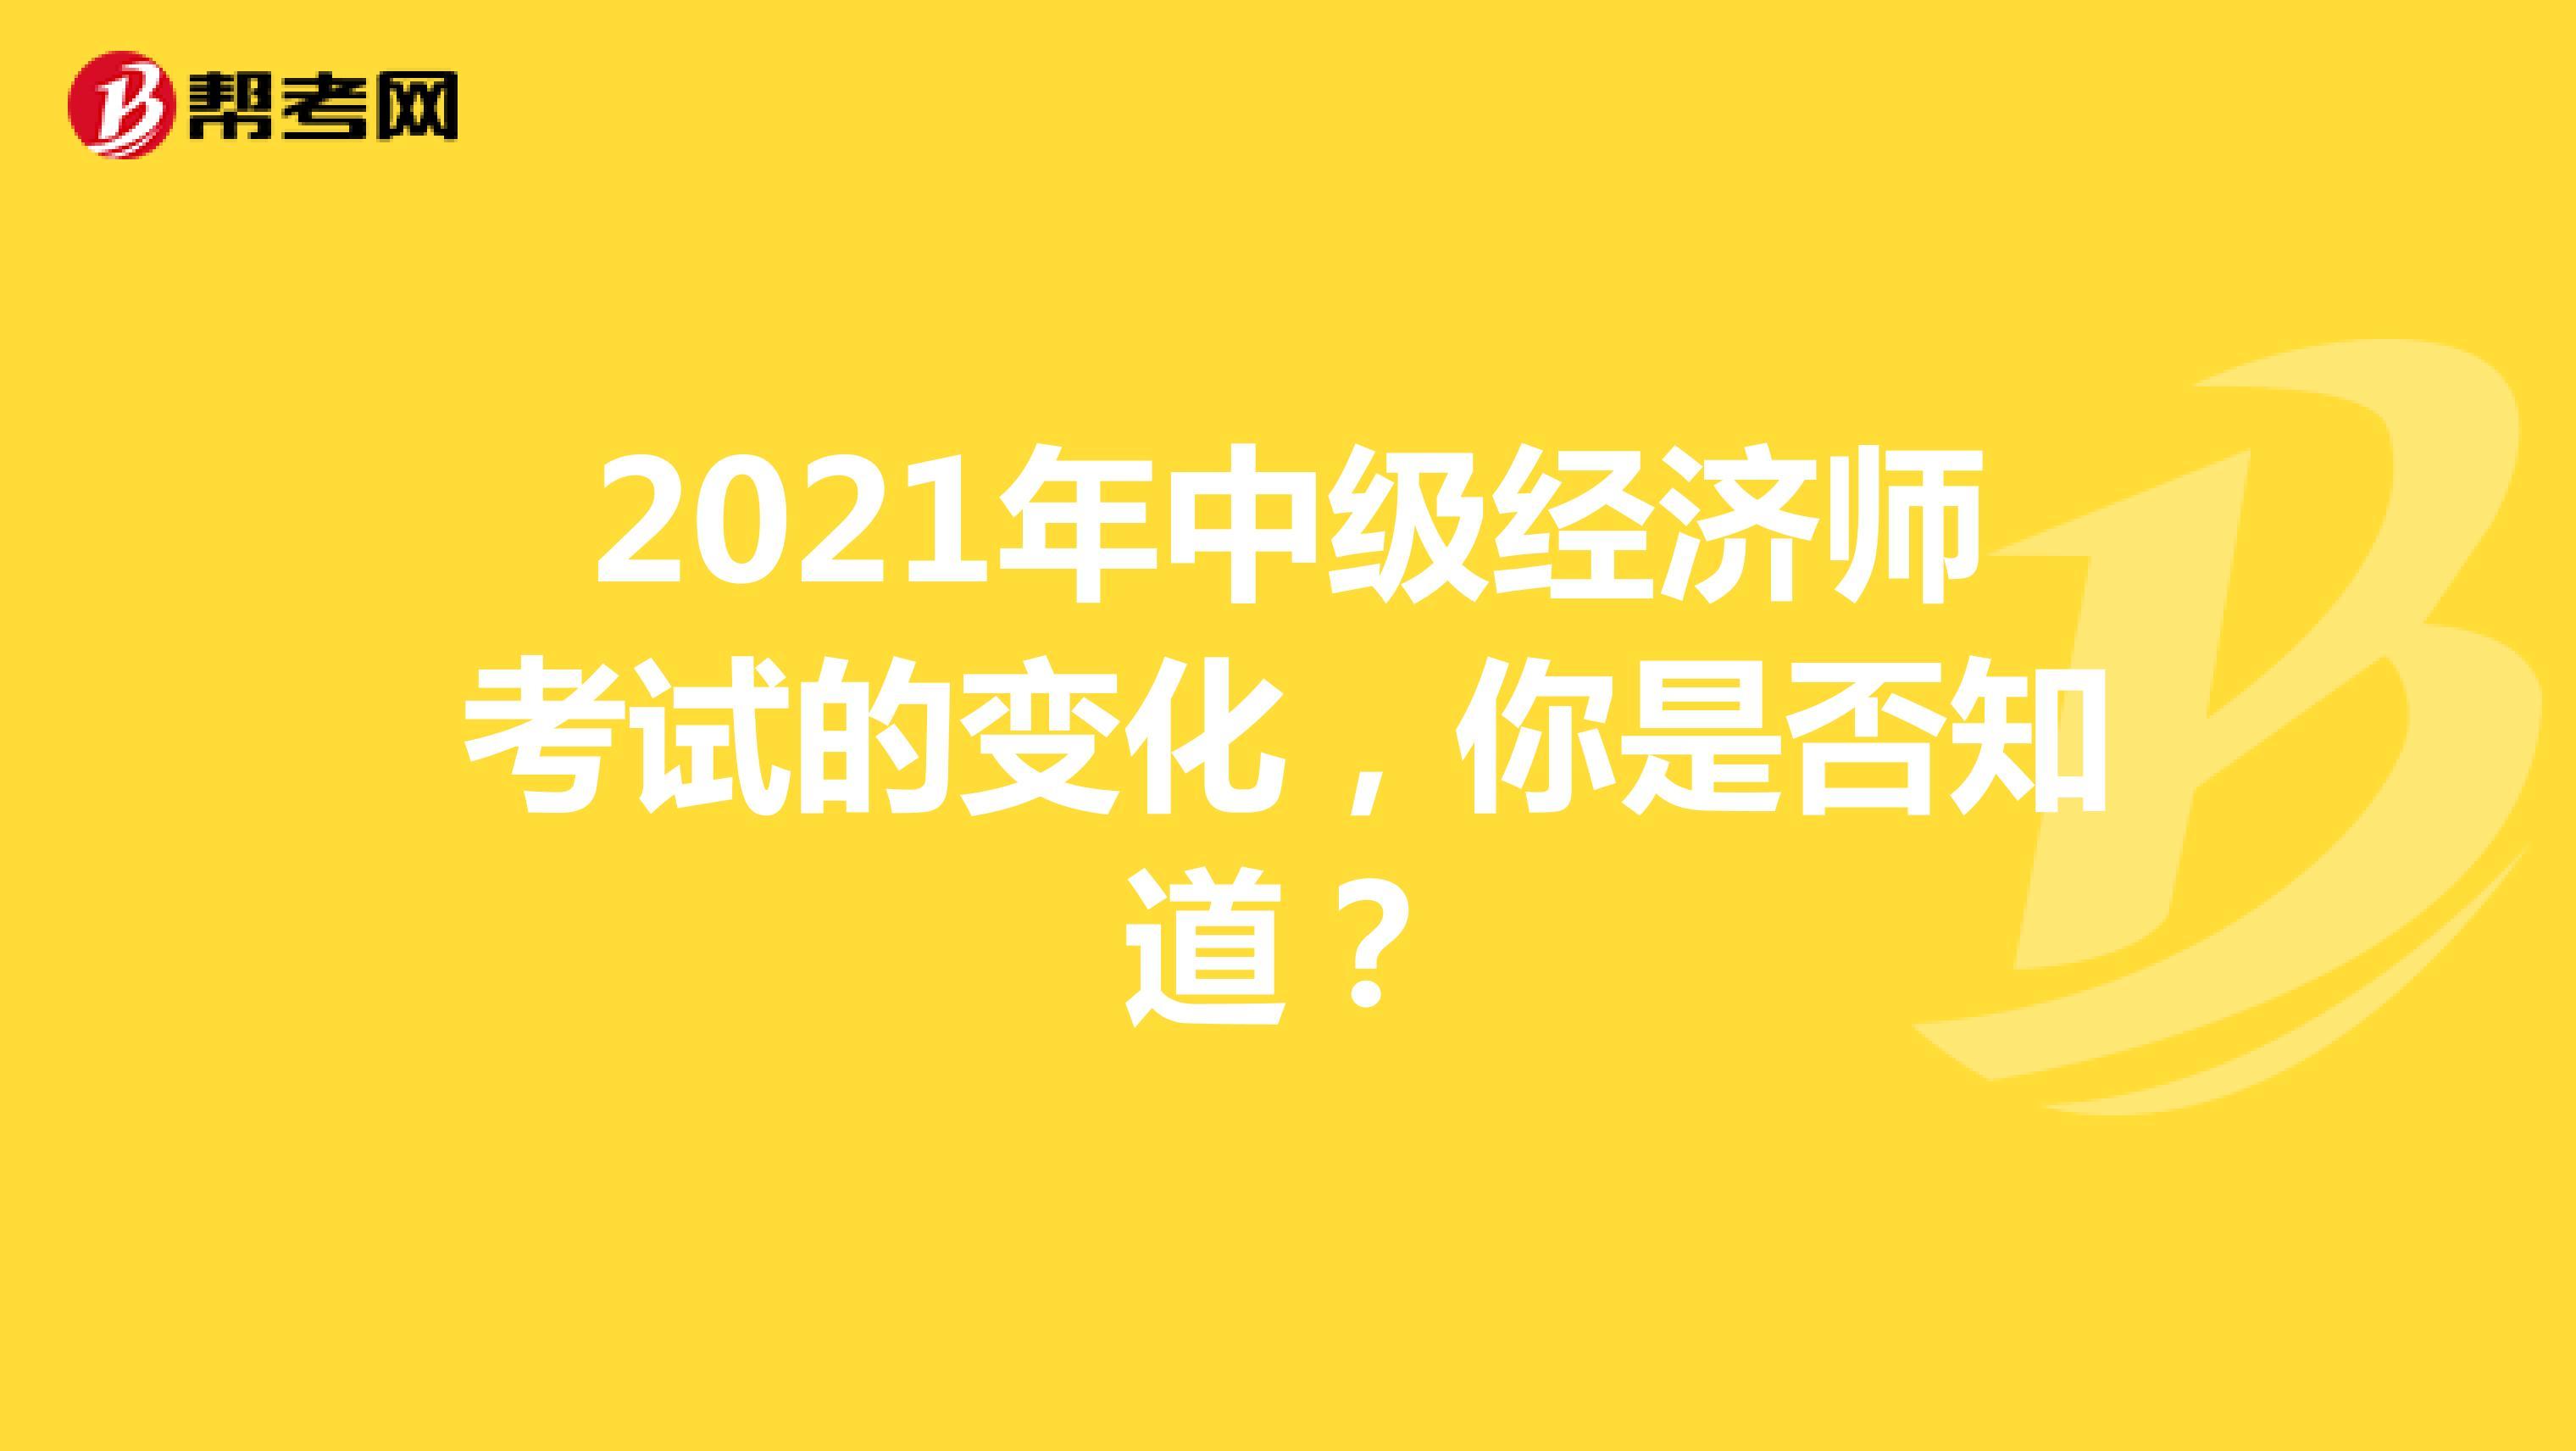 2021年中级经济师考试的变化,你是否知道?